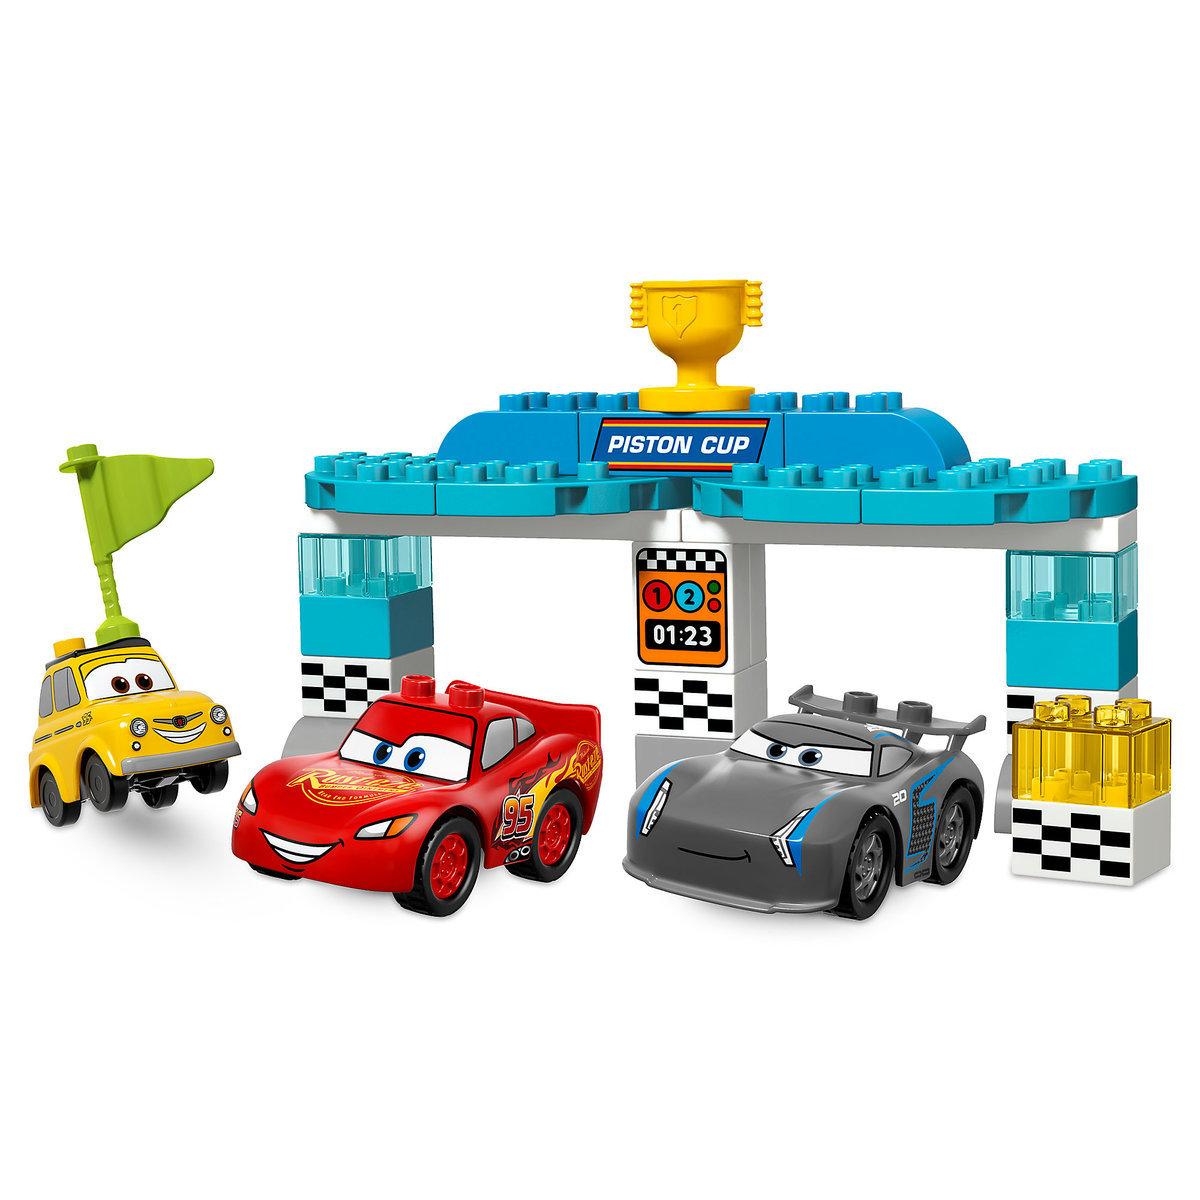 25% off $100 LEGO Sale @ shopdisney.com